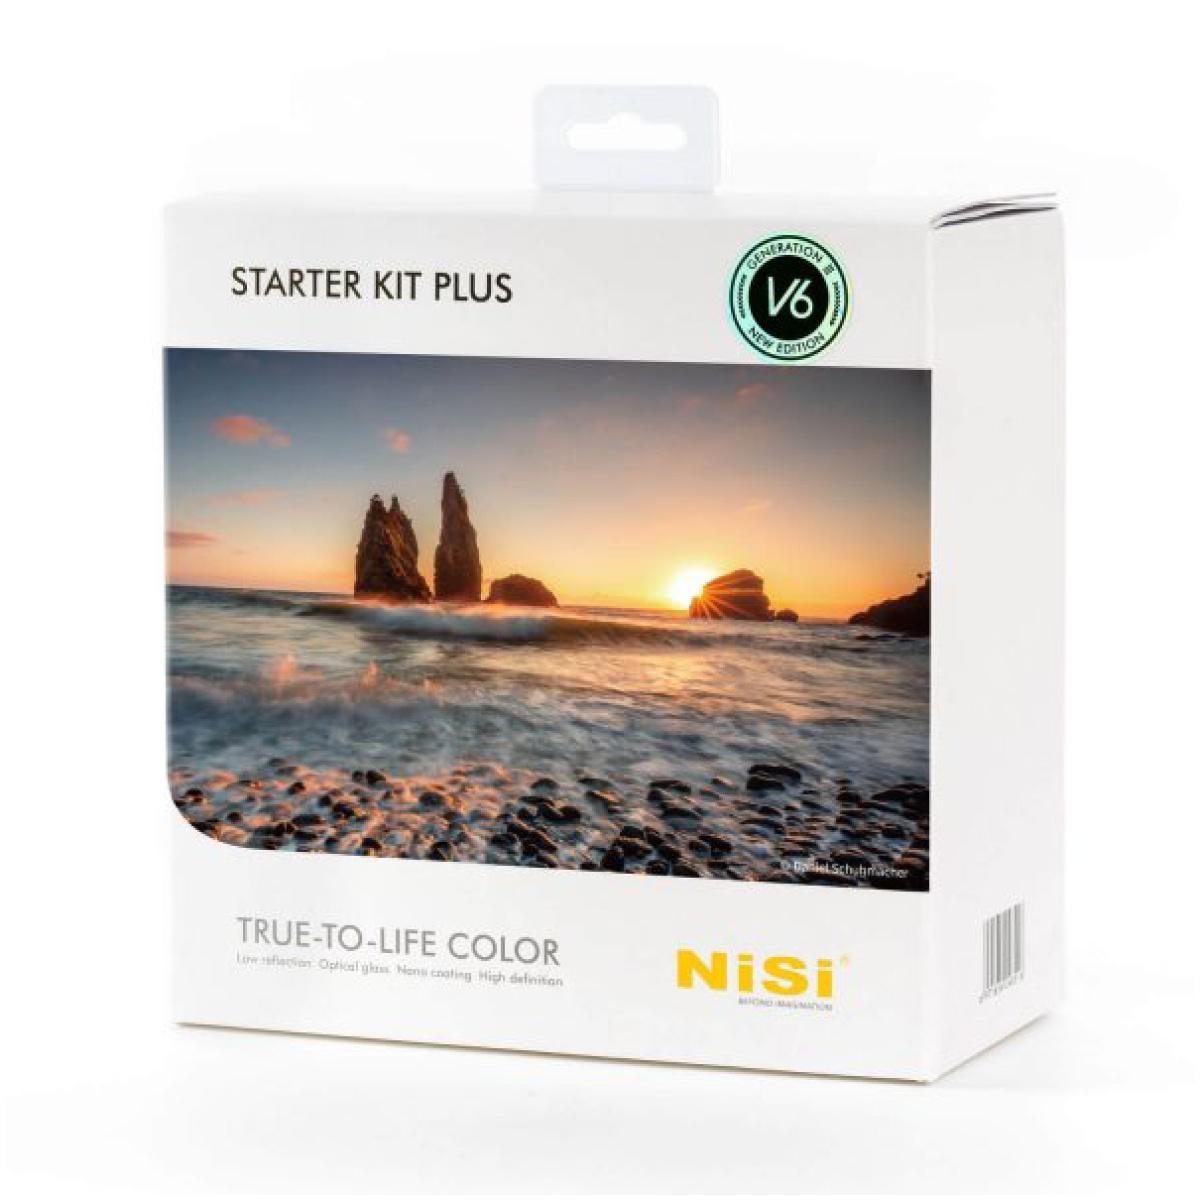 Nisi Starter Kit Plus V6 (Serie III)